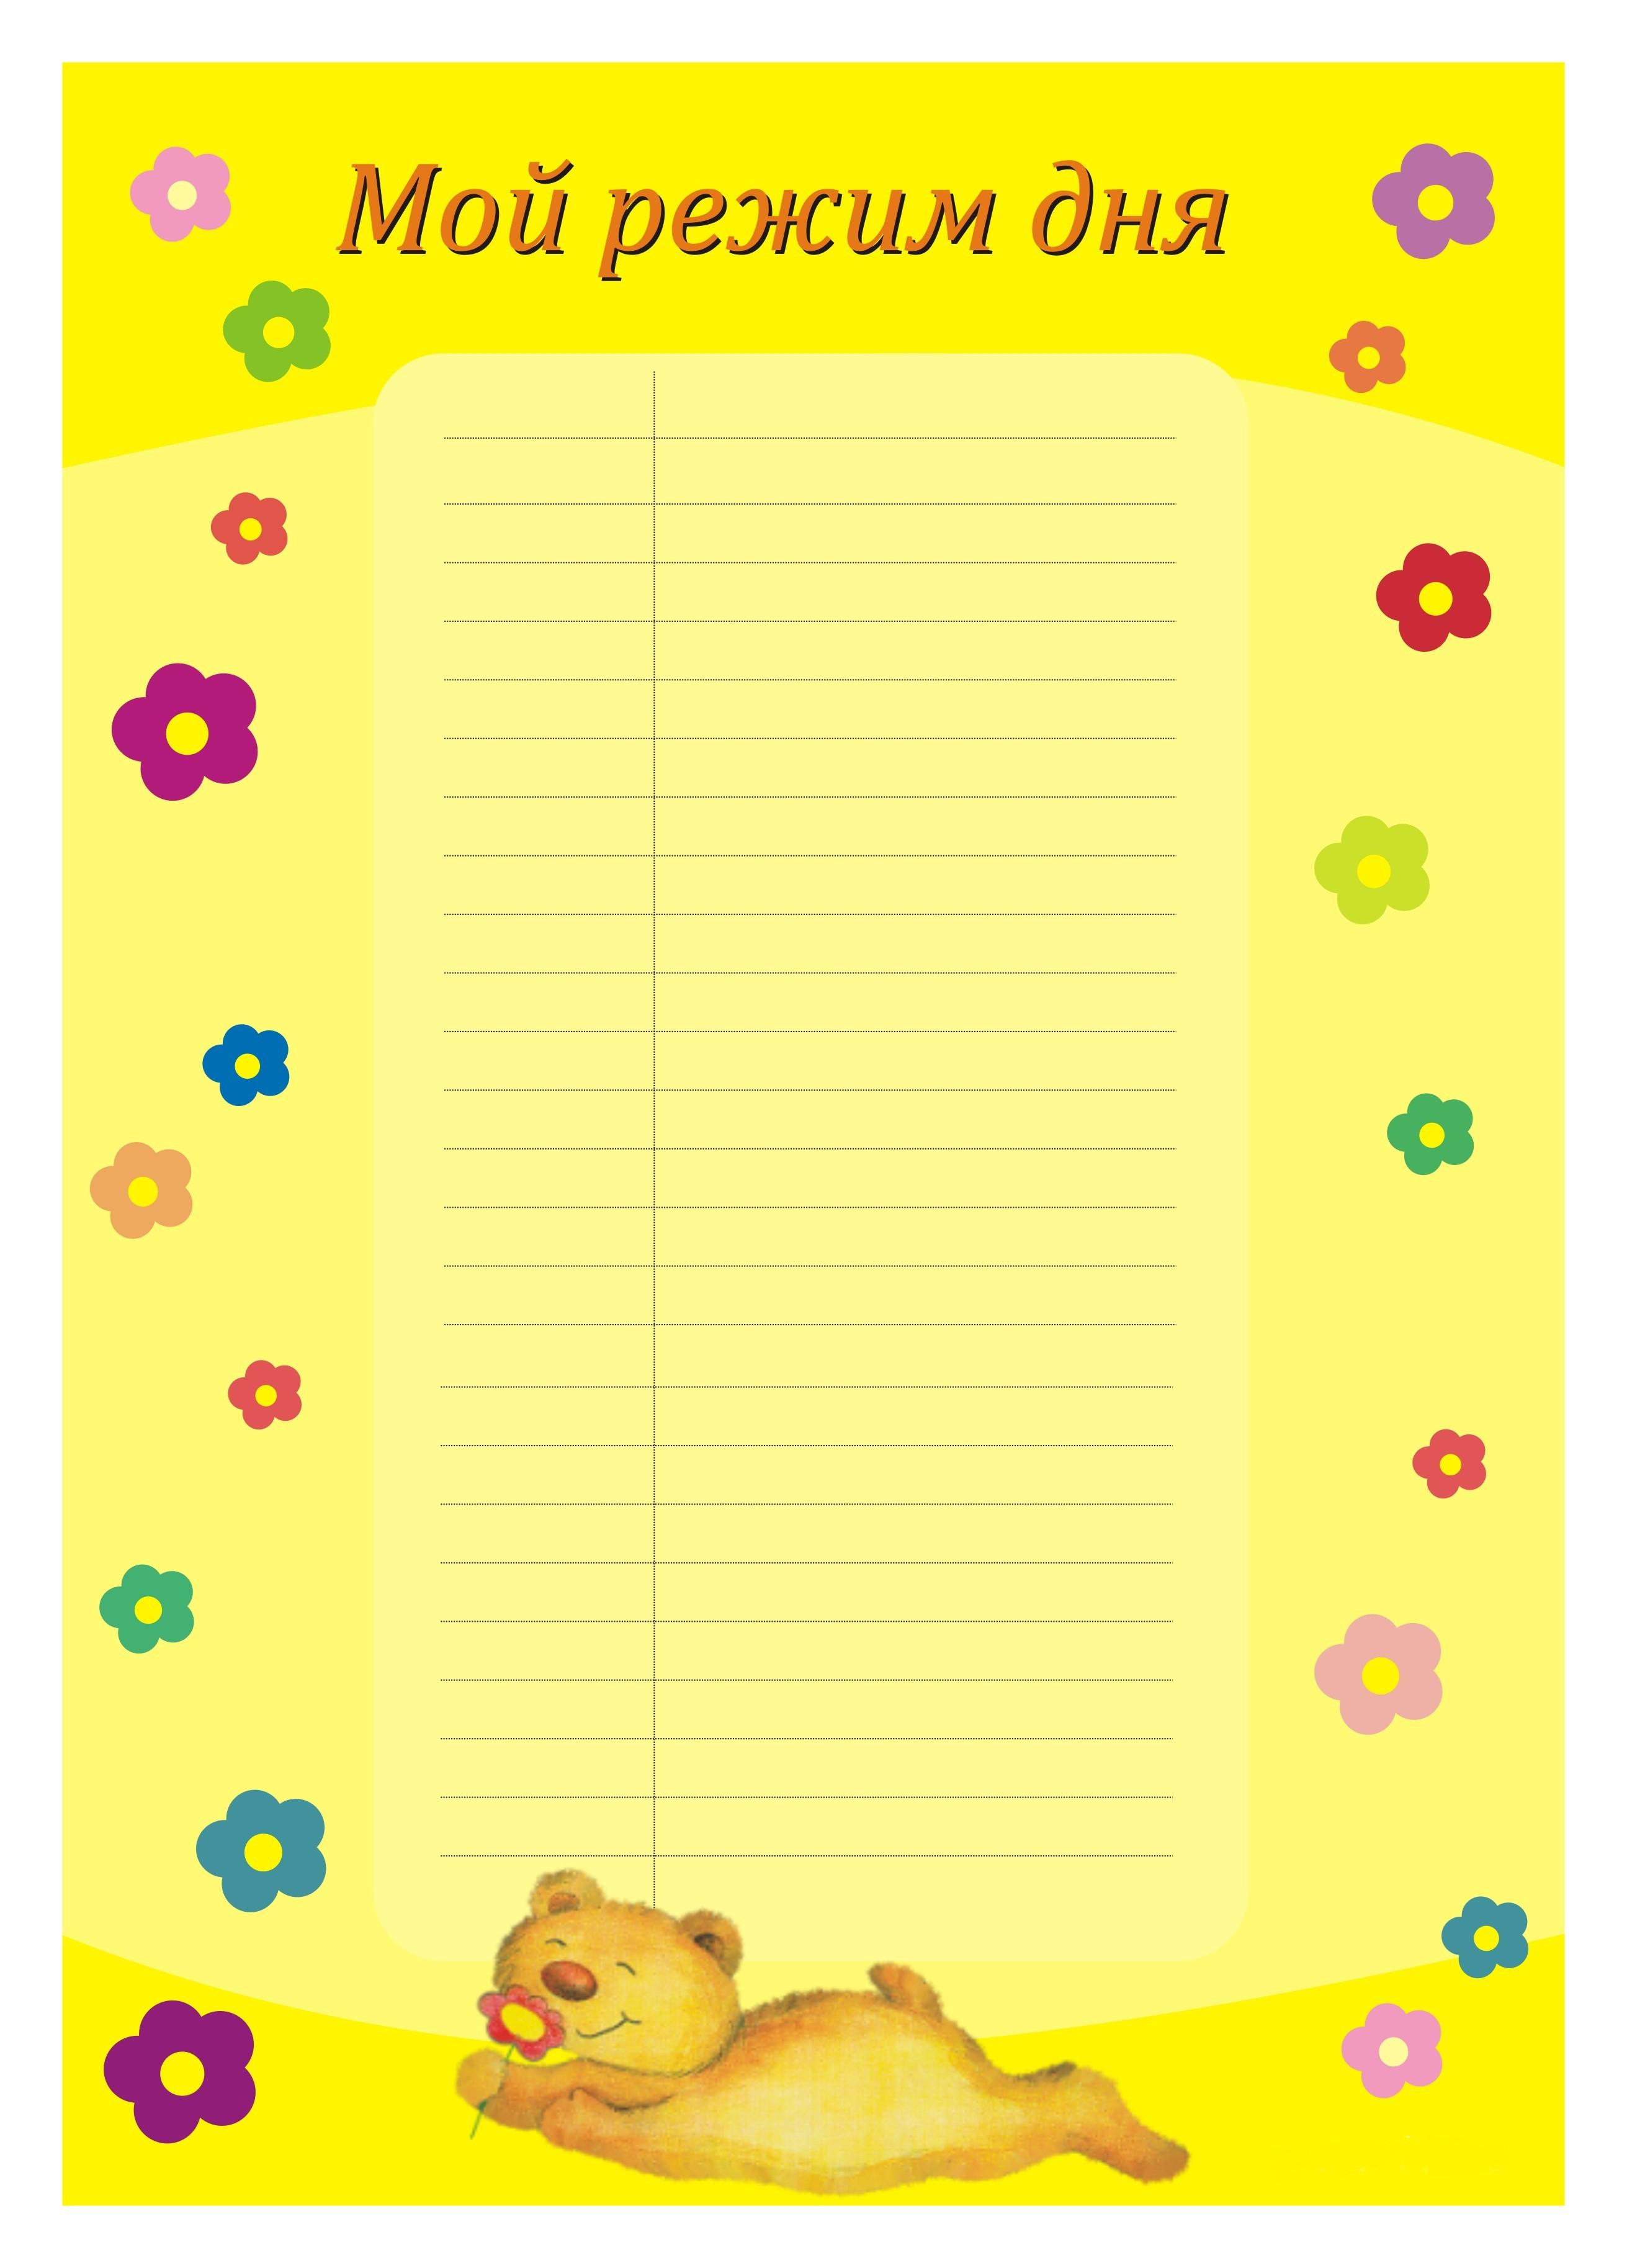 Как сделать расписание дня для подростка